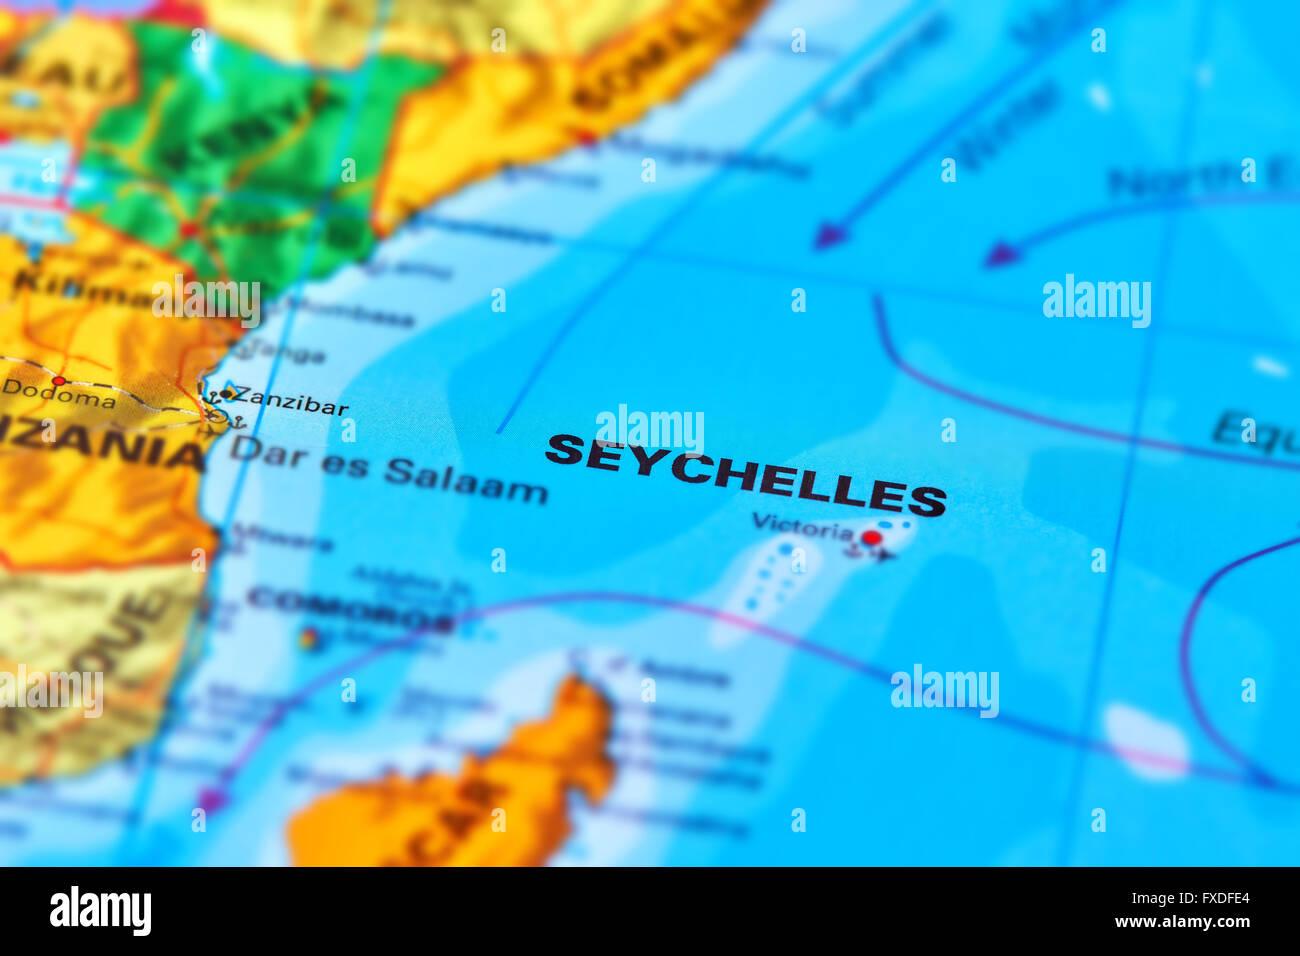 Seychellen Karte Afrika.Seychellen Inseln Auf Der Welt Karte Stockfoto Bild 102330428 Alamy